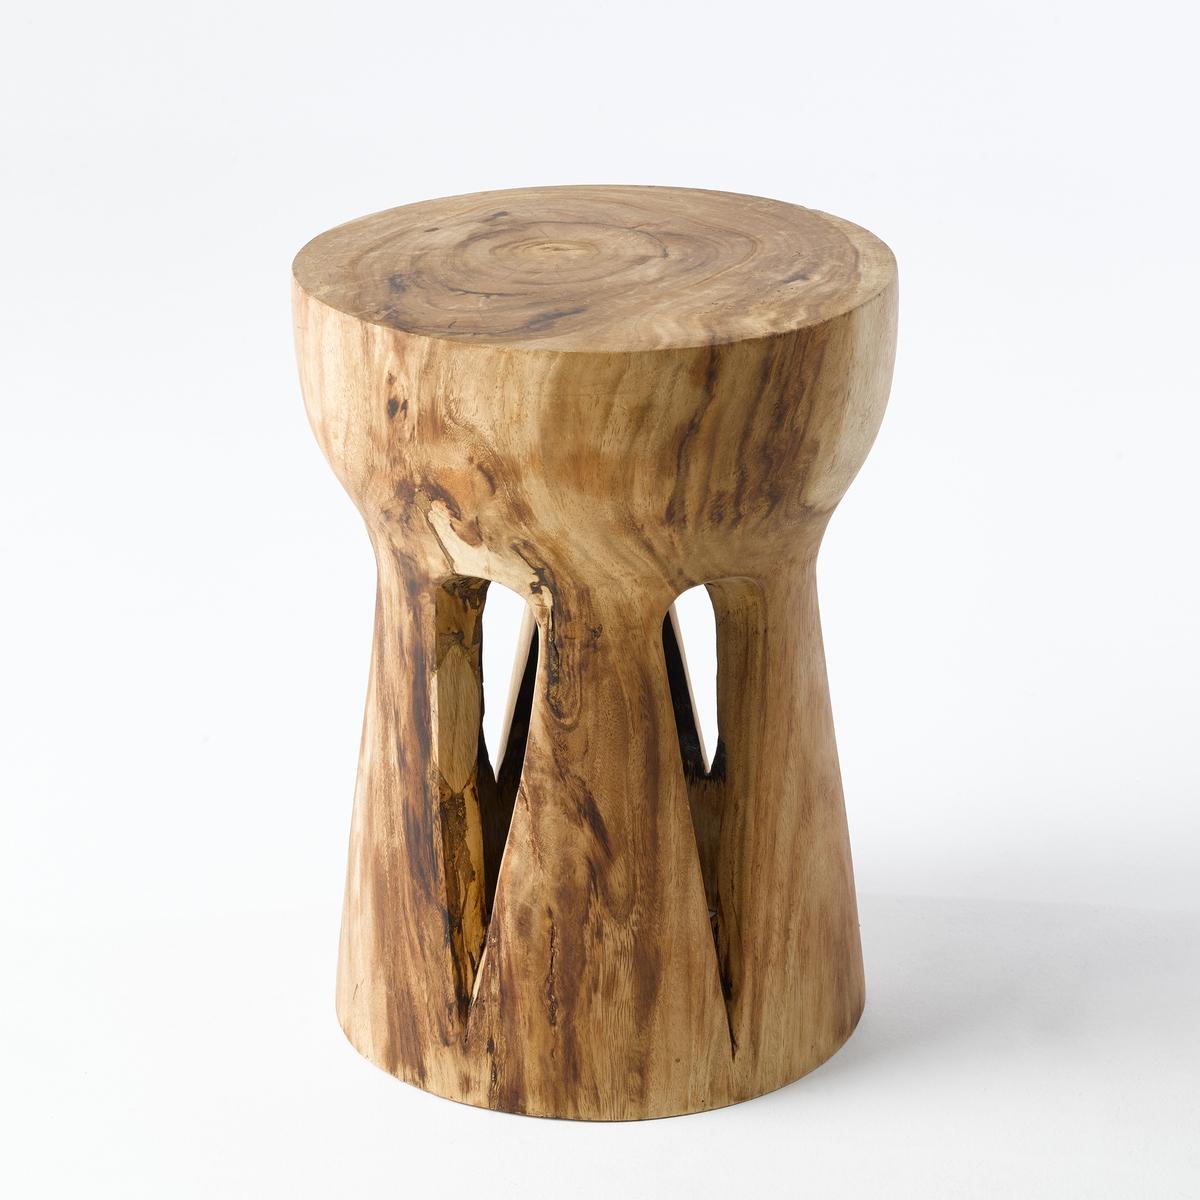 Столик La Redoute Журнальный Papung единый размер бежевый столик la redoute журнальный rozam единый размер черный